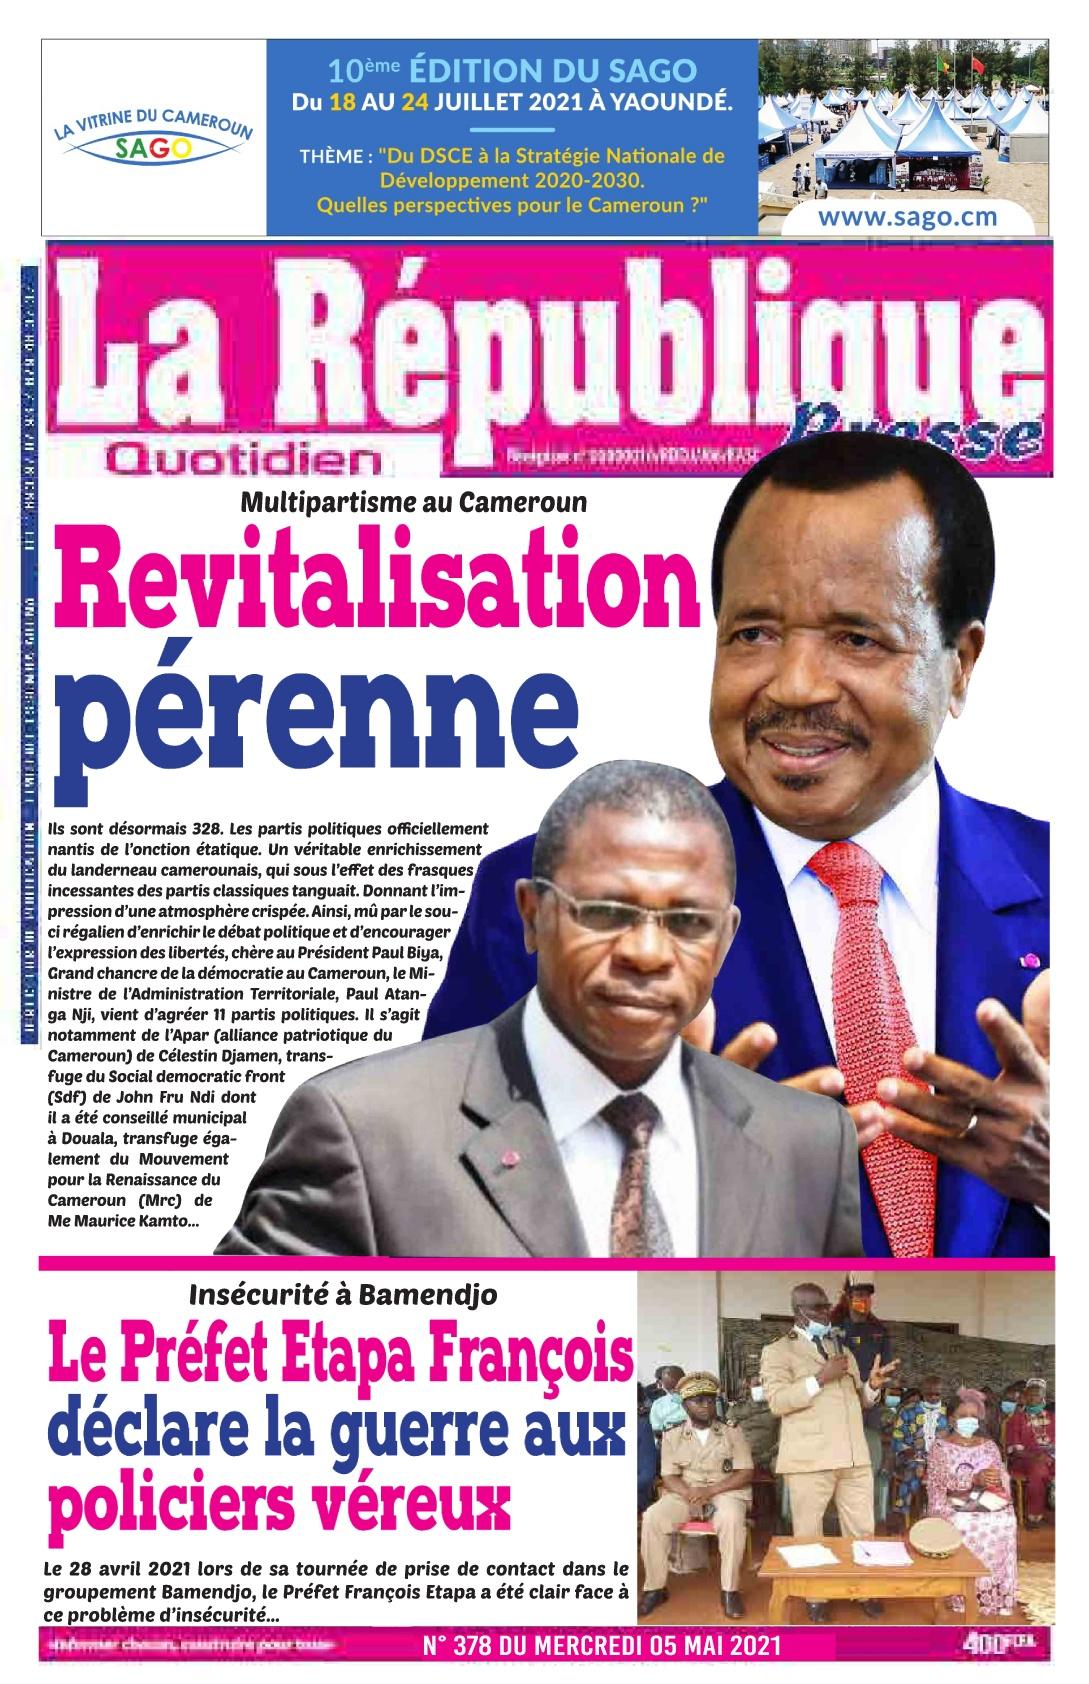 LA REPUBLIQUE PRESSE - 06/05/2021